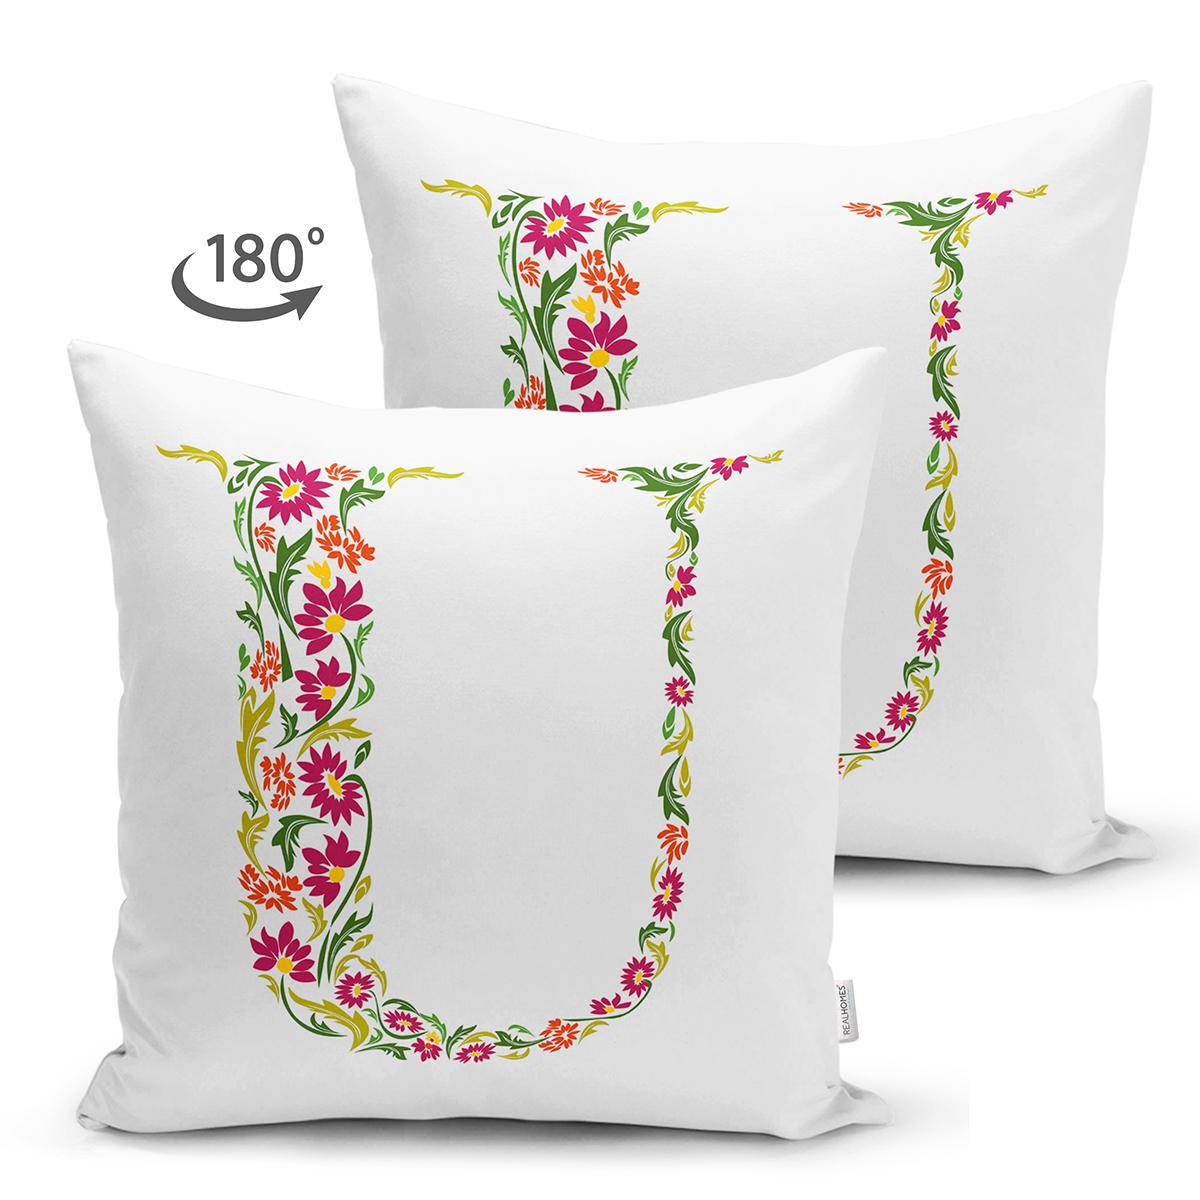 Beyaz Zemin Yaprak Temalı U Harfi Özel Tasarım Modern Suet Yastık Kırlent Kılıfı Realhomes